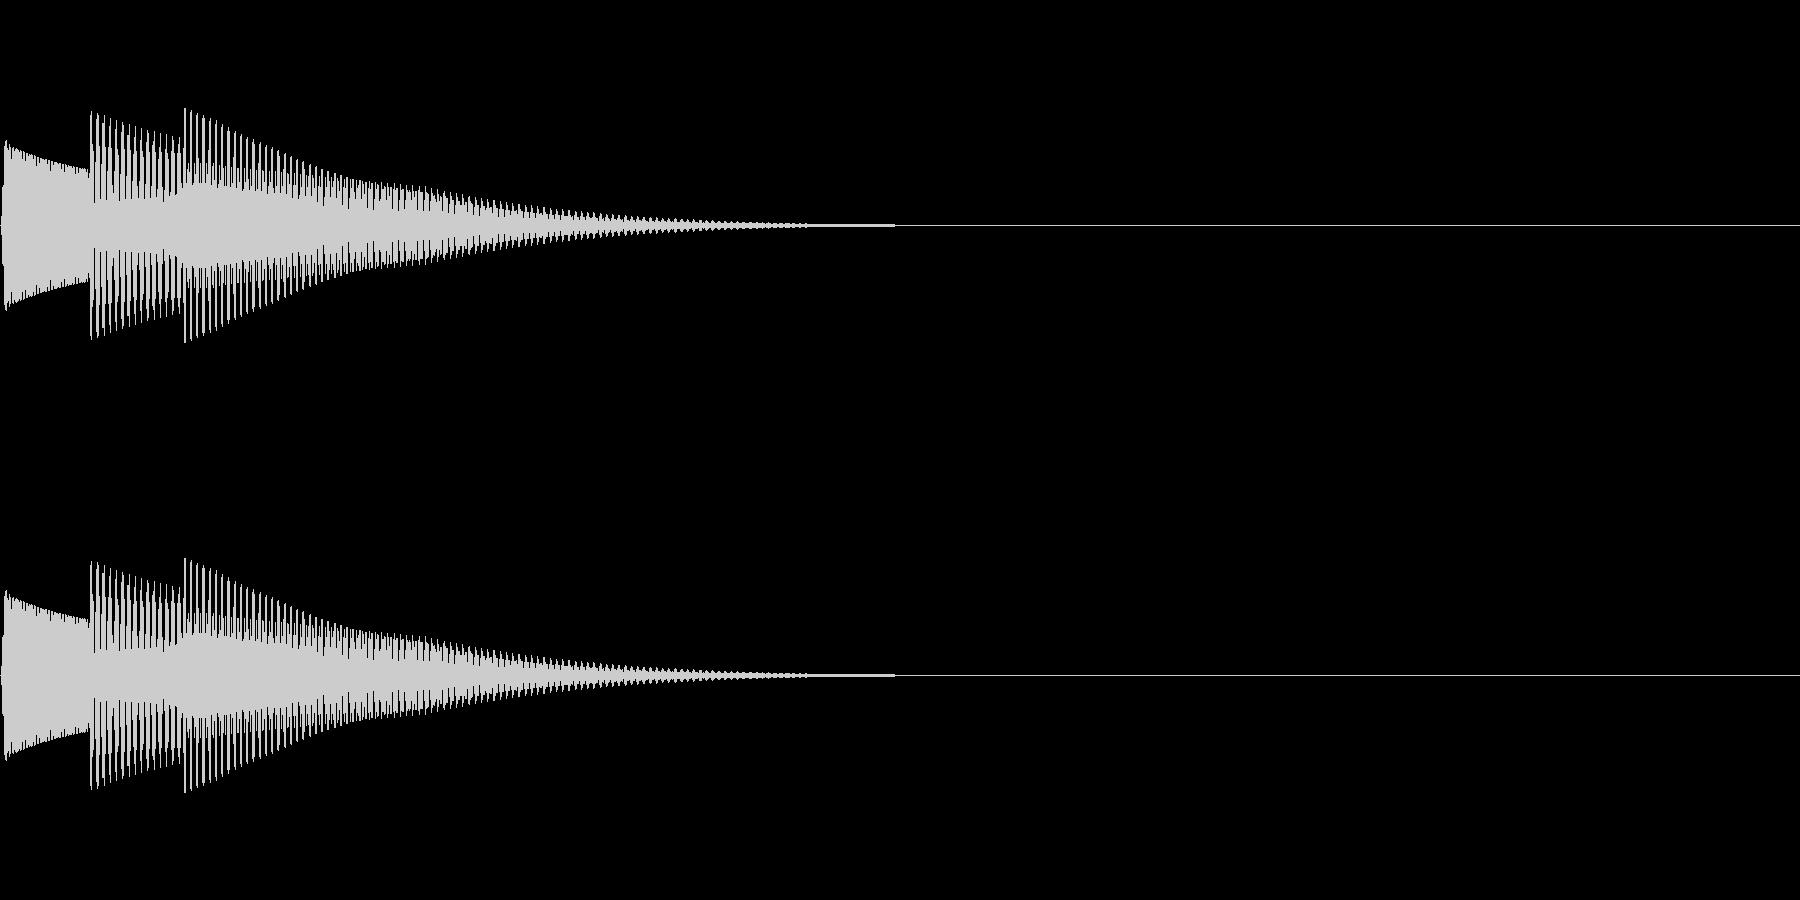 ピコーン(ワンポイント_アルペジオ)の未再生の波形